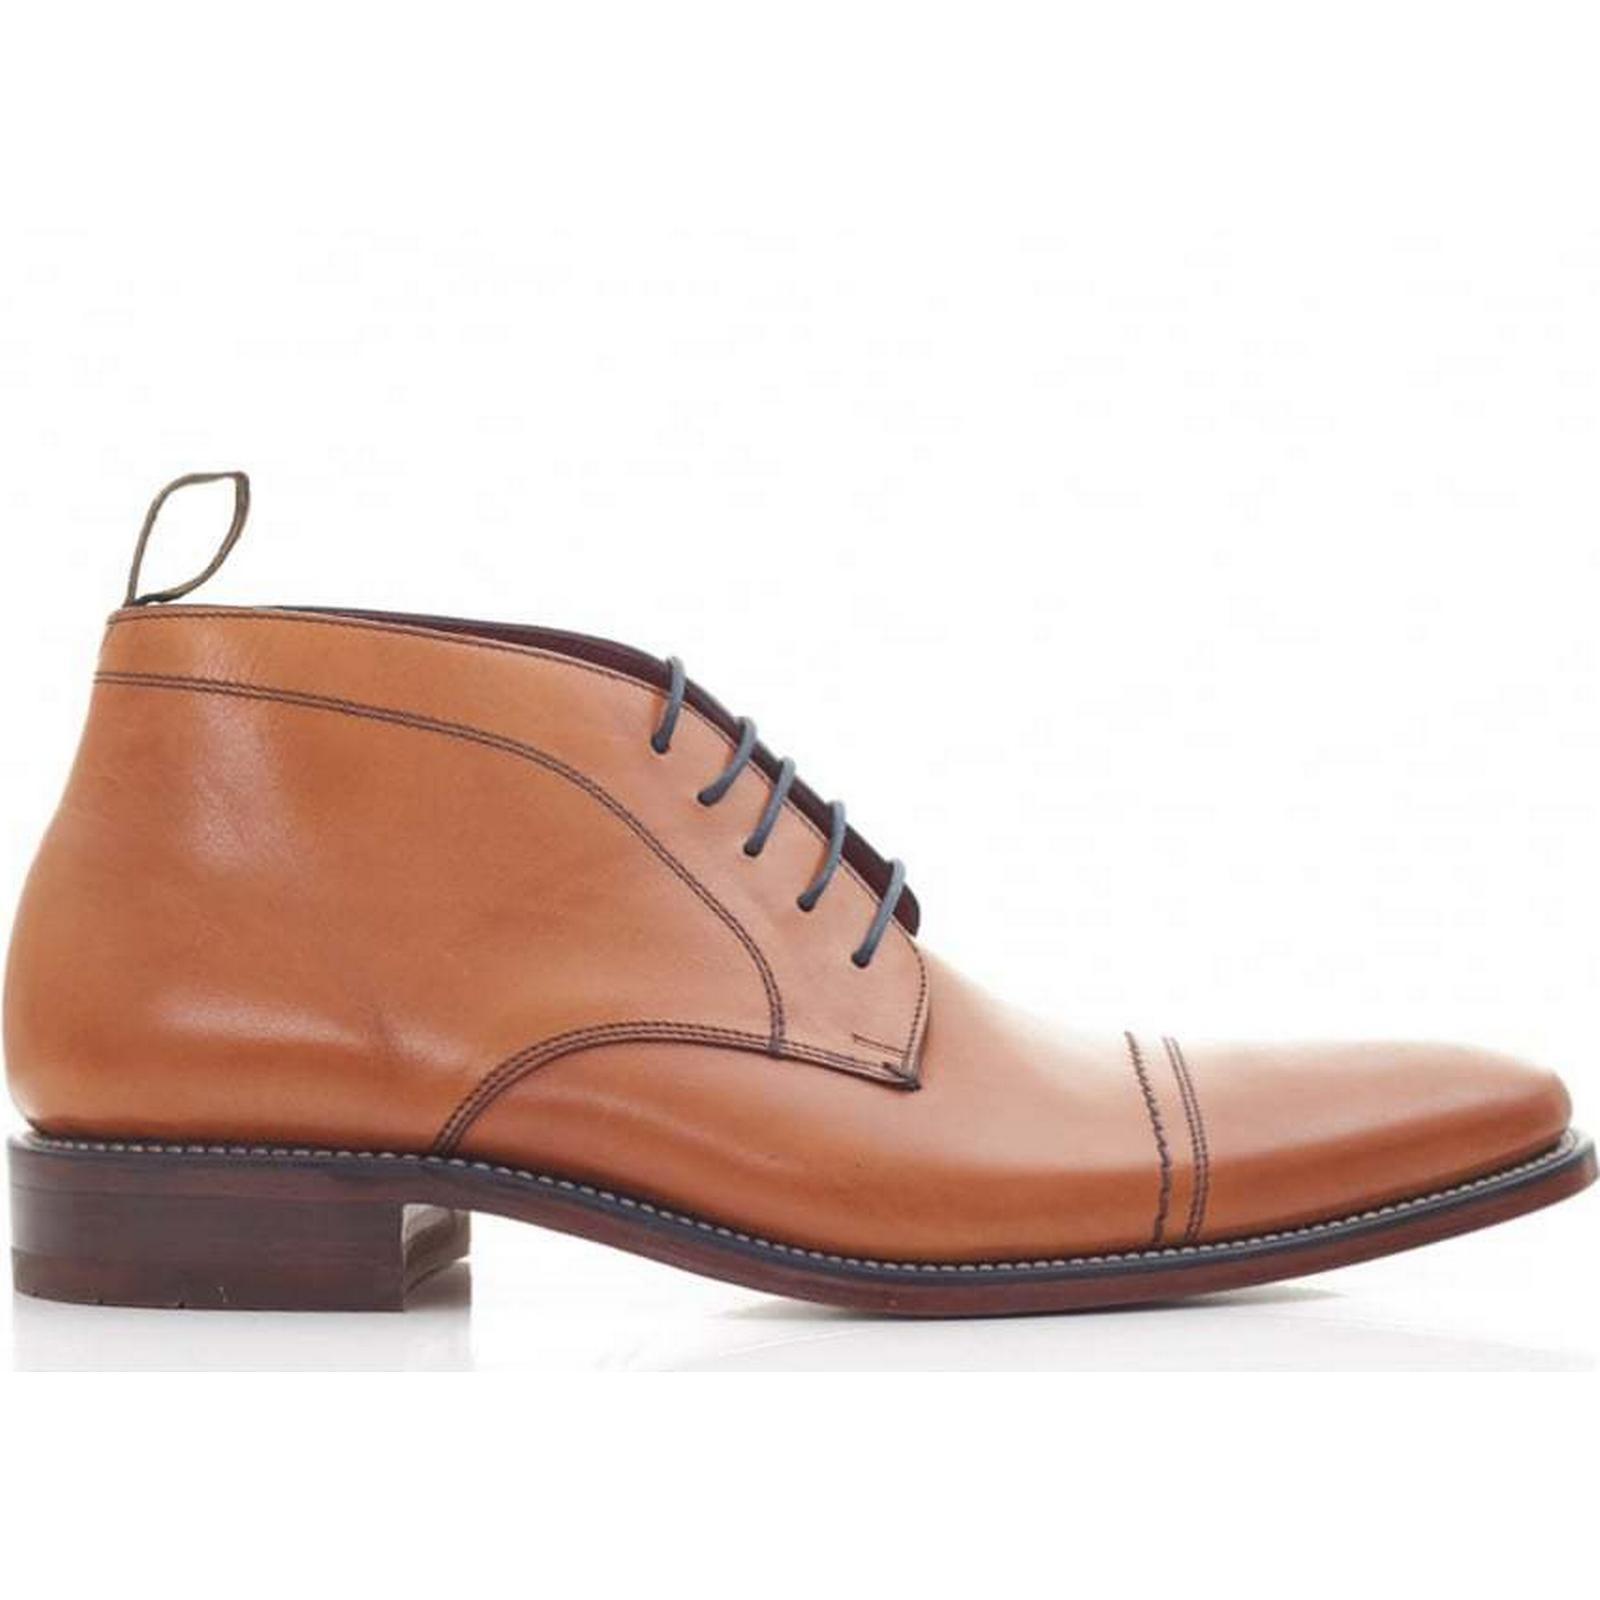 Loake Toe Colour: Cap Leather Ankle Boots Colour: Toe TAN, Size: 11 4867b8